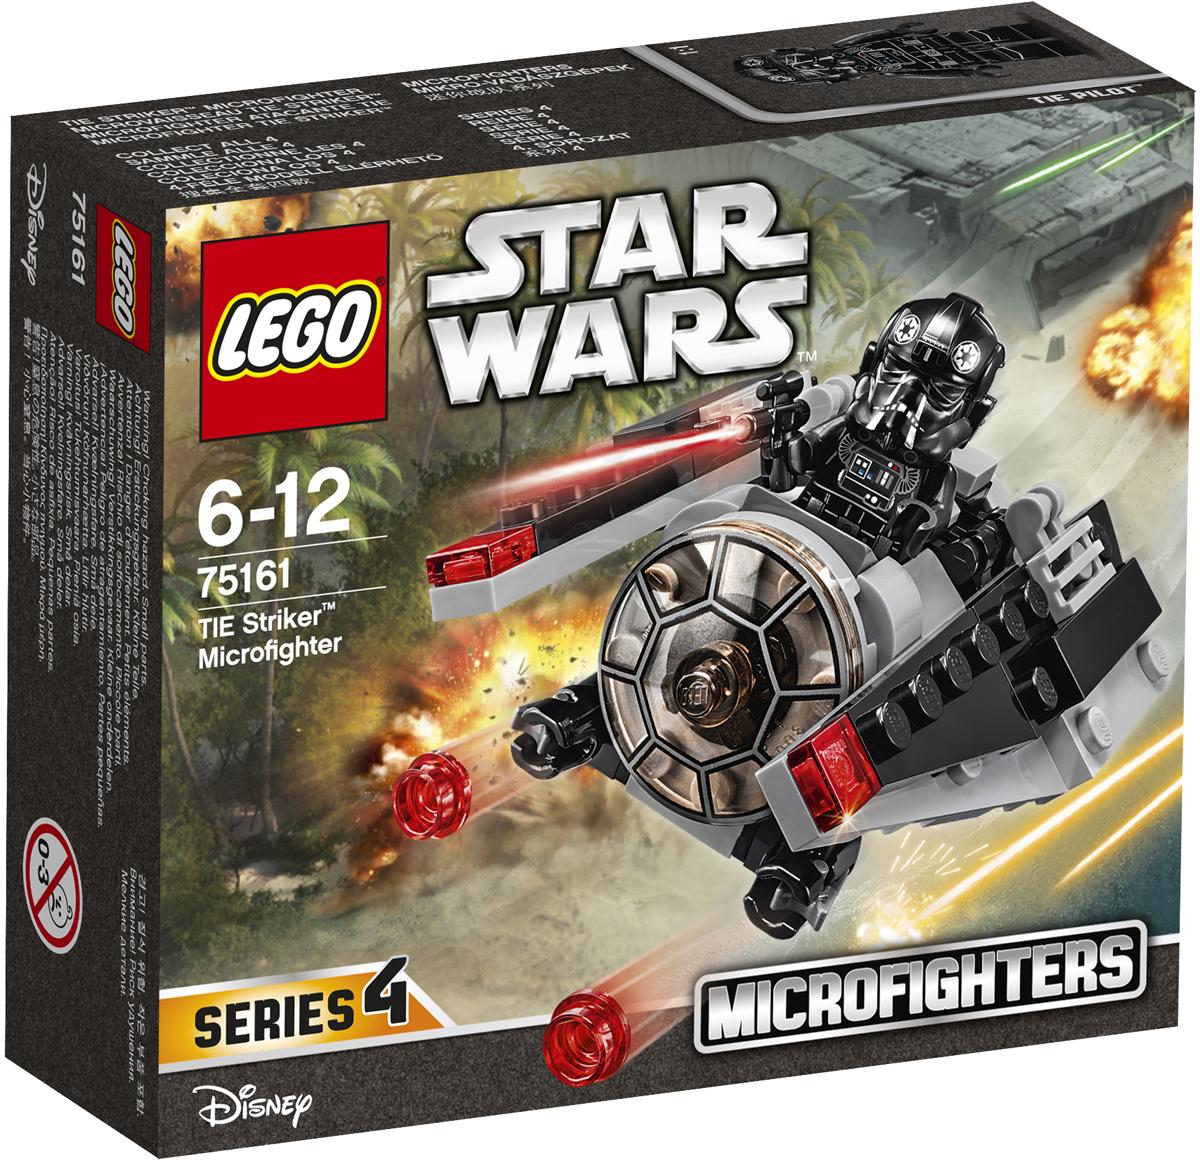 LEGO Star Wars Конструктор Микроистребитель-штурмовик TIE 7516175161Сдерживайте силы Повстанцев при помощи невероятного микроистребителя-штурмовика TIE. Сложите его крылья, зарядите оружие, посадите пилота в кабину и будьте готовы отбить атаку врага! Набор включает в себя 88 разноцветных элементов и минифигурку. Конструктор - это один из самых увлекательных и веселых способов времяпрепровождения. Ребенок сможет часами играть с конструктором, придумывая различные ситуации и истории.